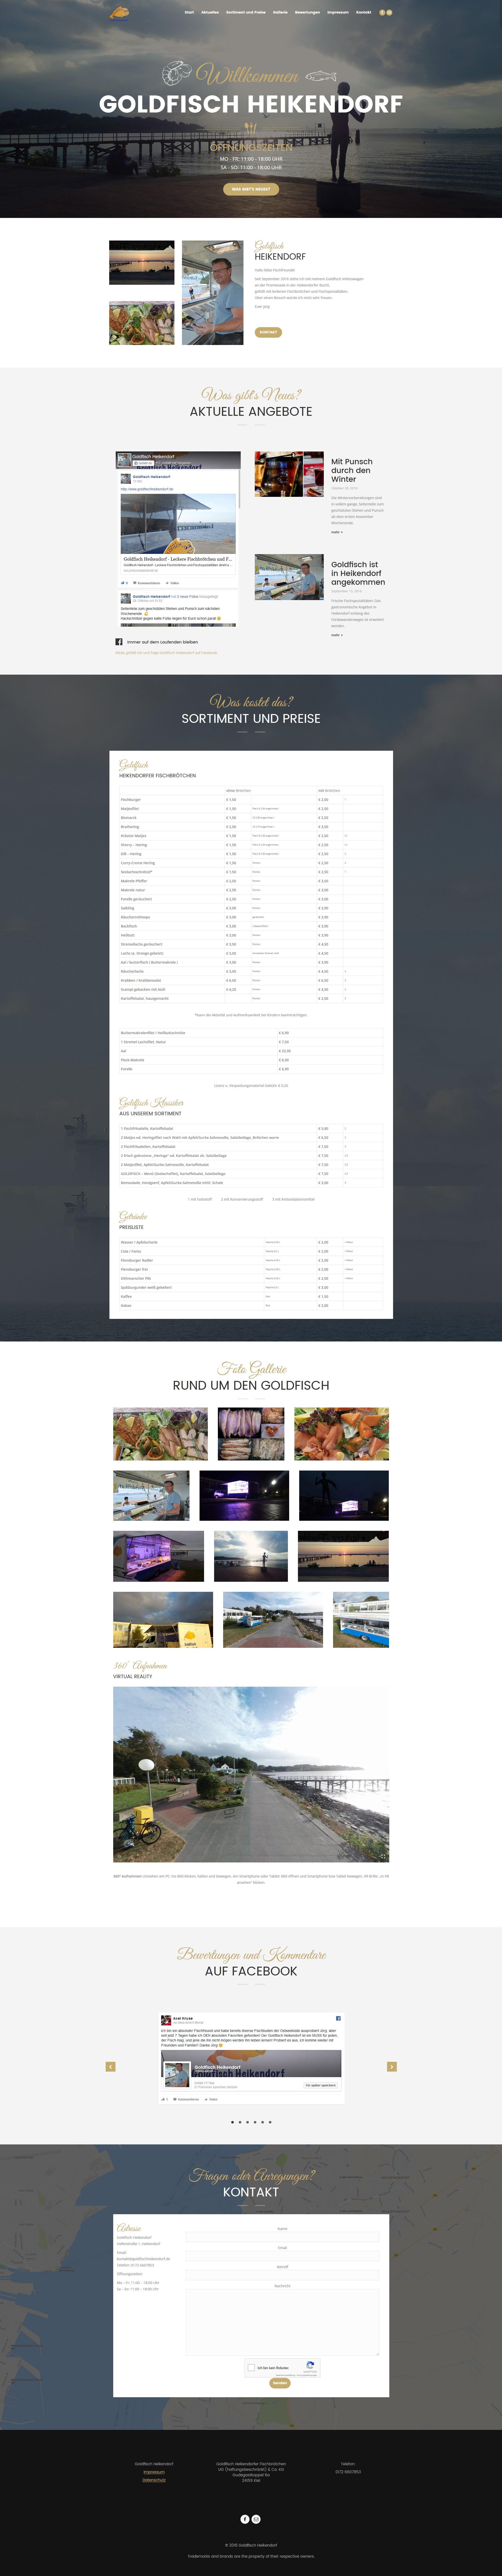 Goldfisch Heikendorf Webseite